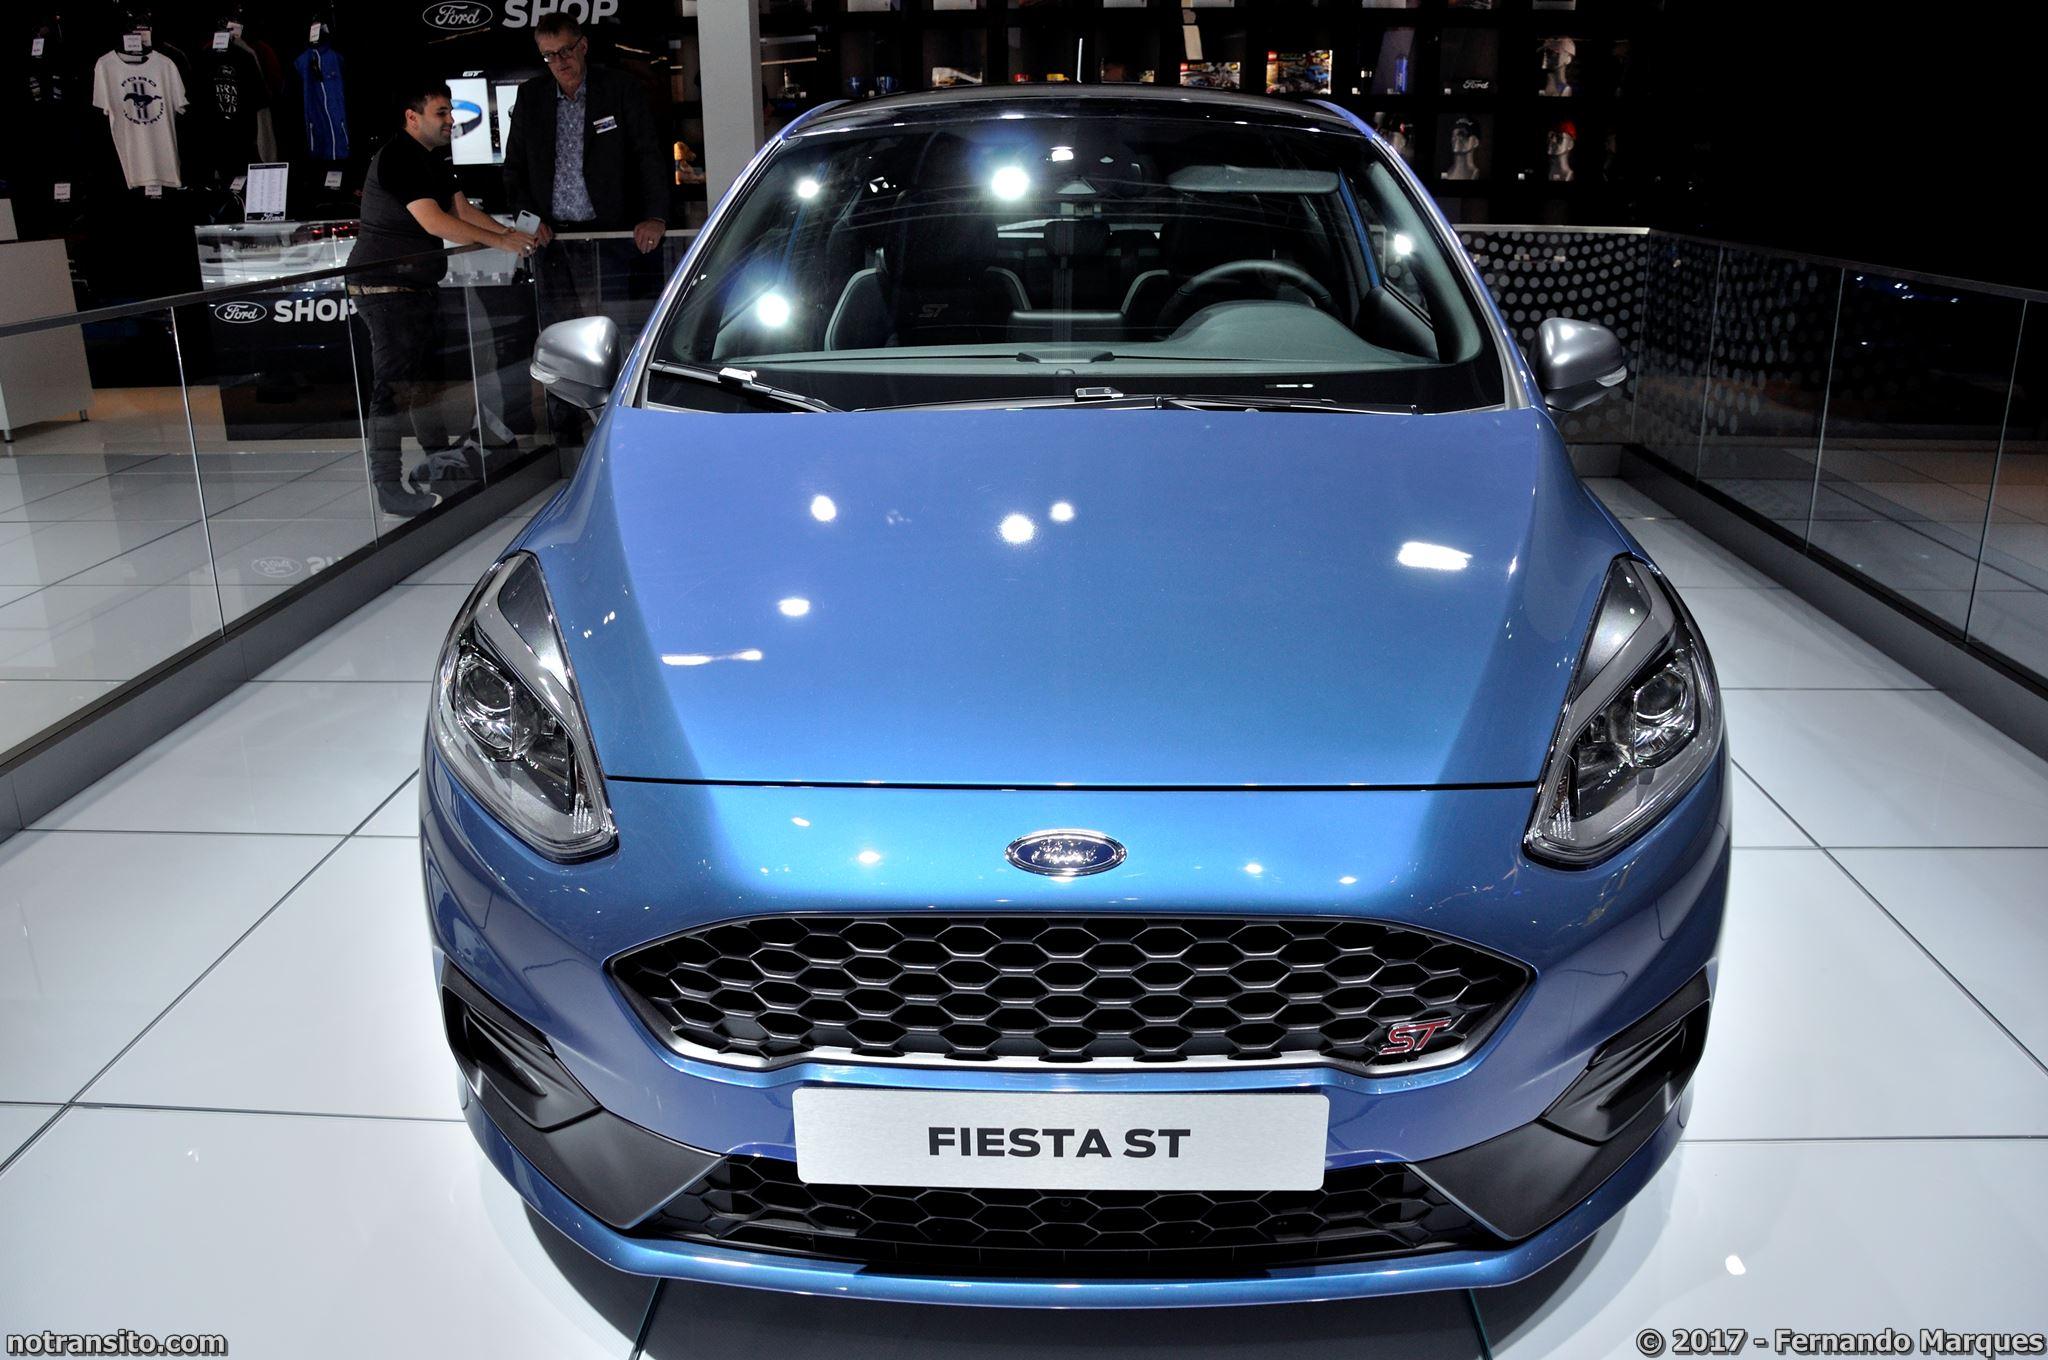 Ford-Fiesta-ST-Frankfurt-2017-002